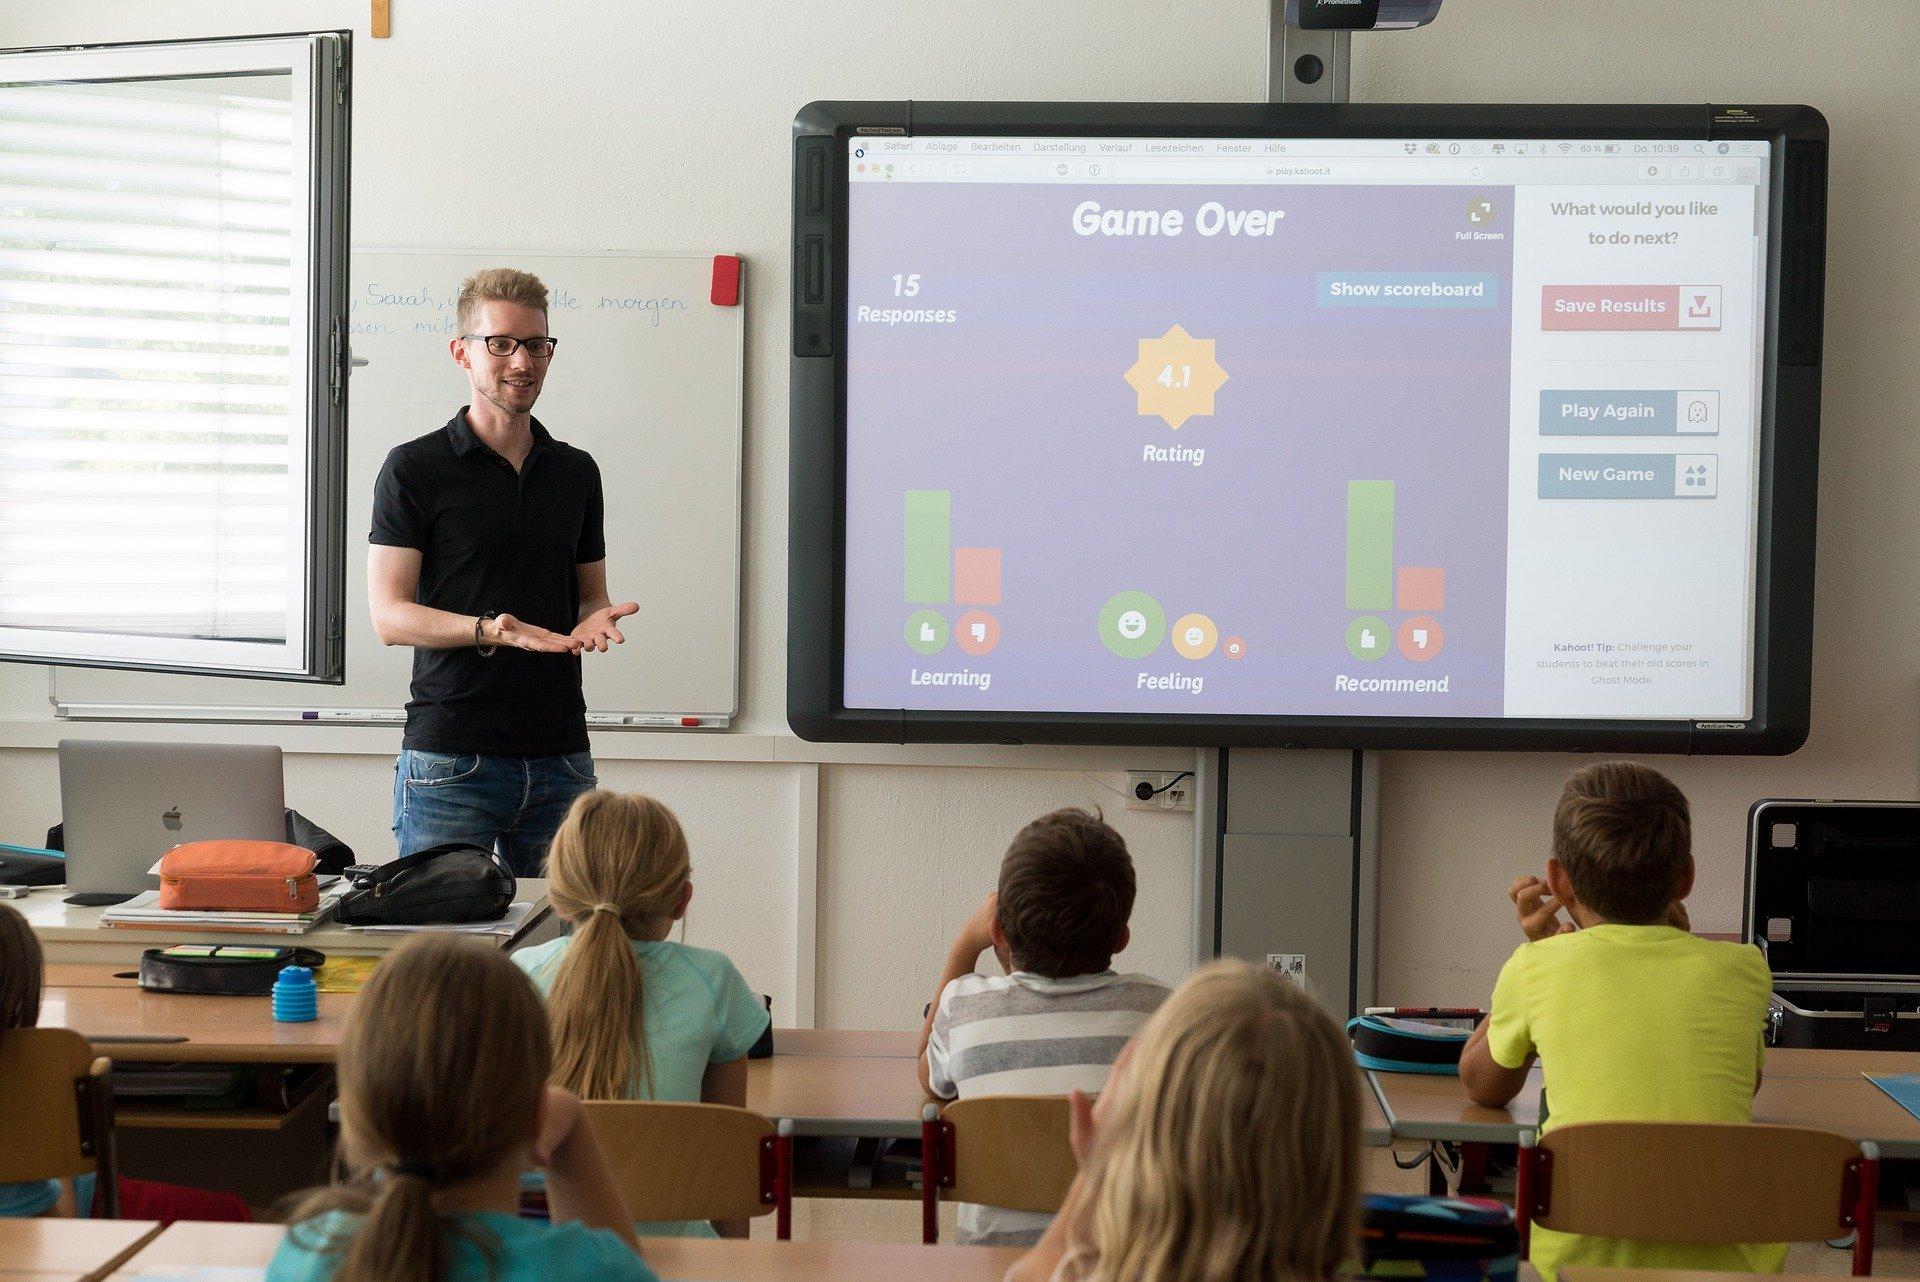 Podemos hacer concursos con nuestro alumnado, un test o preguntas sobre aquello que estamos haciendo para que sea una forma más divertida de aprender.